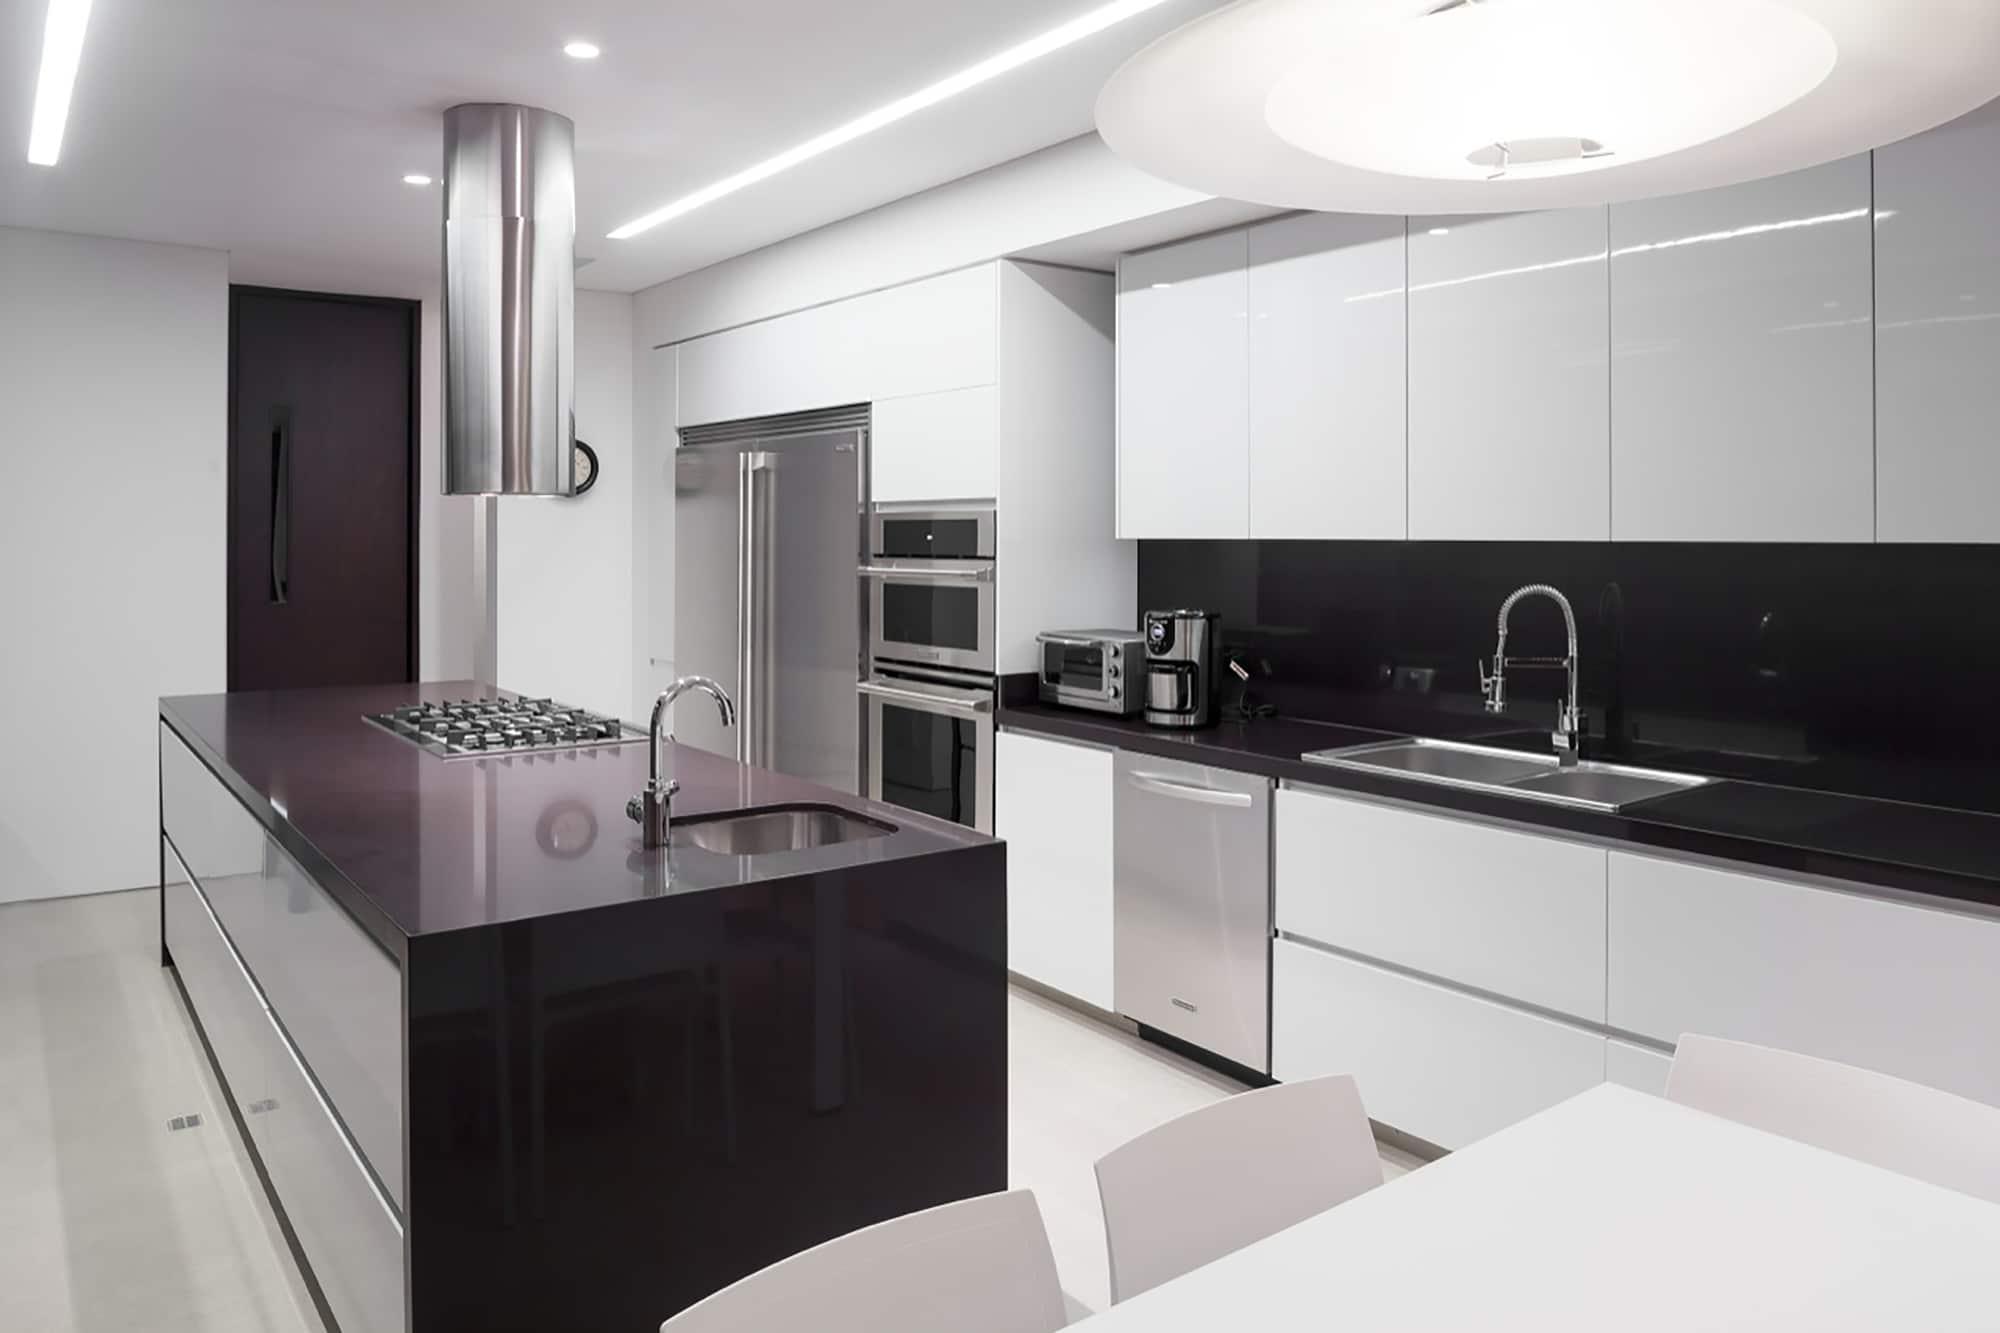 Moderno dise o casa de un piso con planos construye hogar for Diseno de cocina